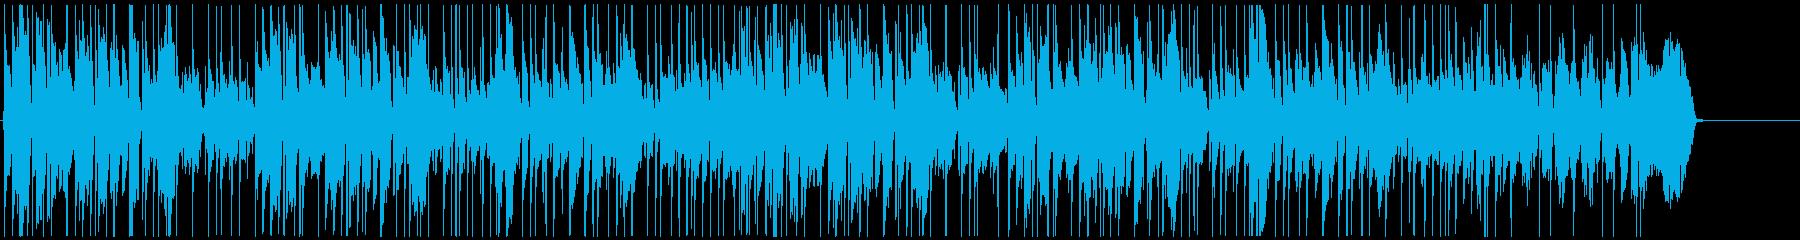 口笛とウクレレ、日常、楽しい、ウキウキの再生済みの波形